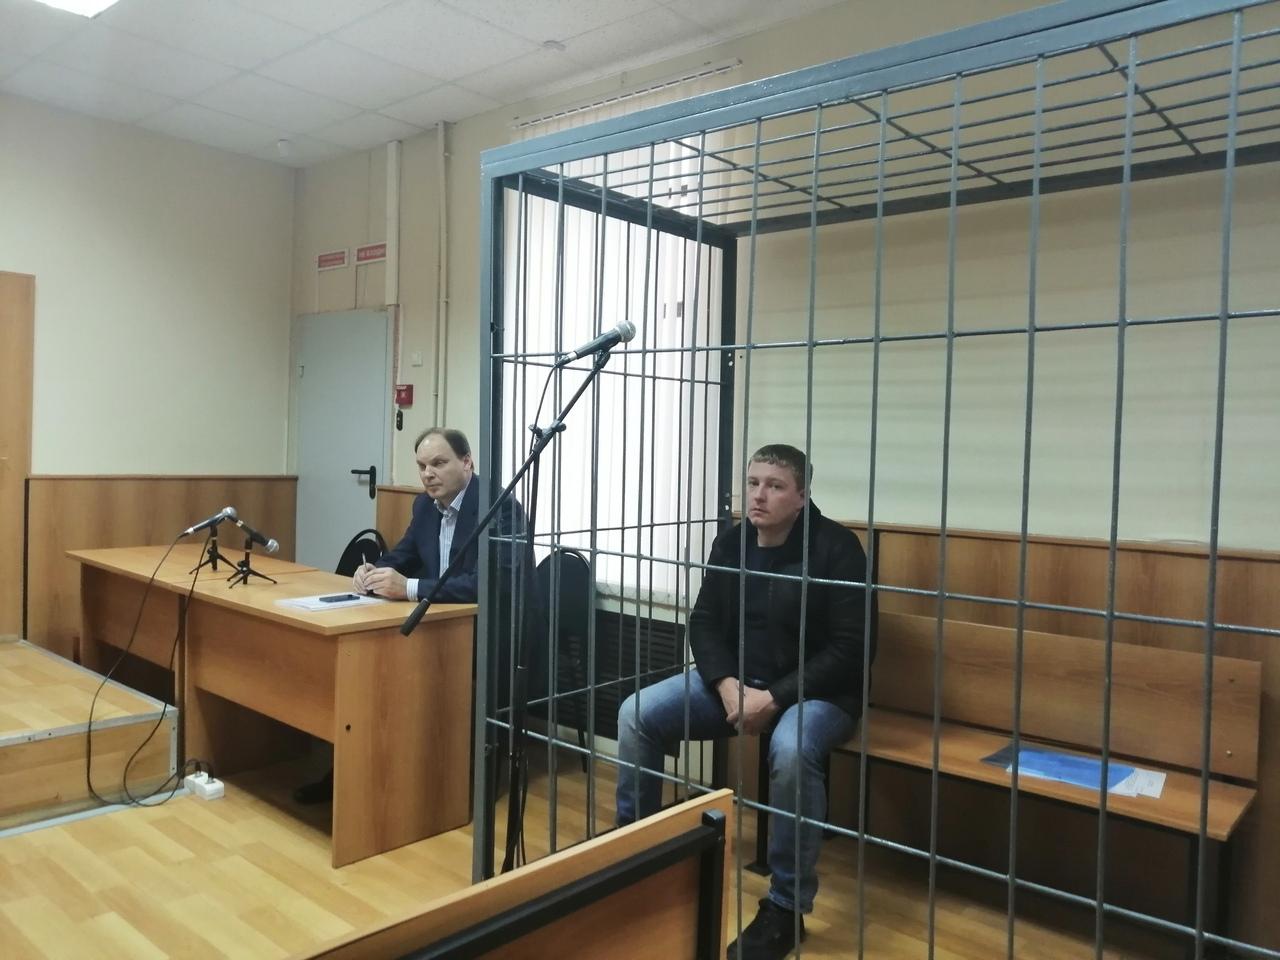 Депутат-общественник задержан в Самаре по подозрению в коммерческом подкупе